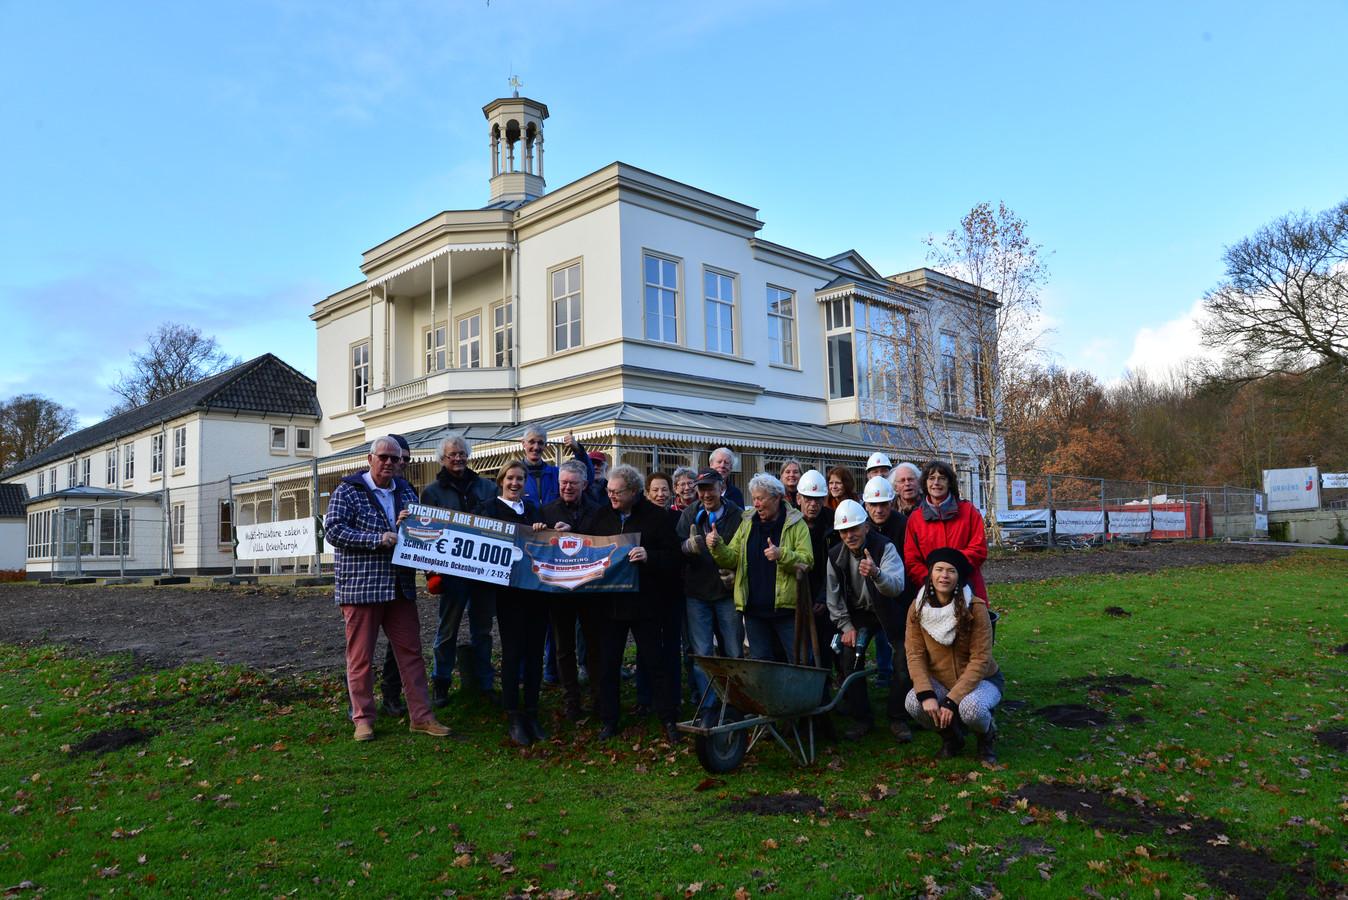 Vrijwilliger van Ockenburgh nemen een cheque van 30.000 euro van de stichting Arie Kuiper Fonds in ontvangst